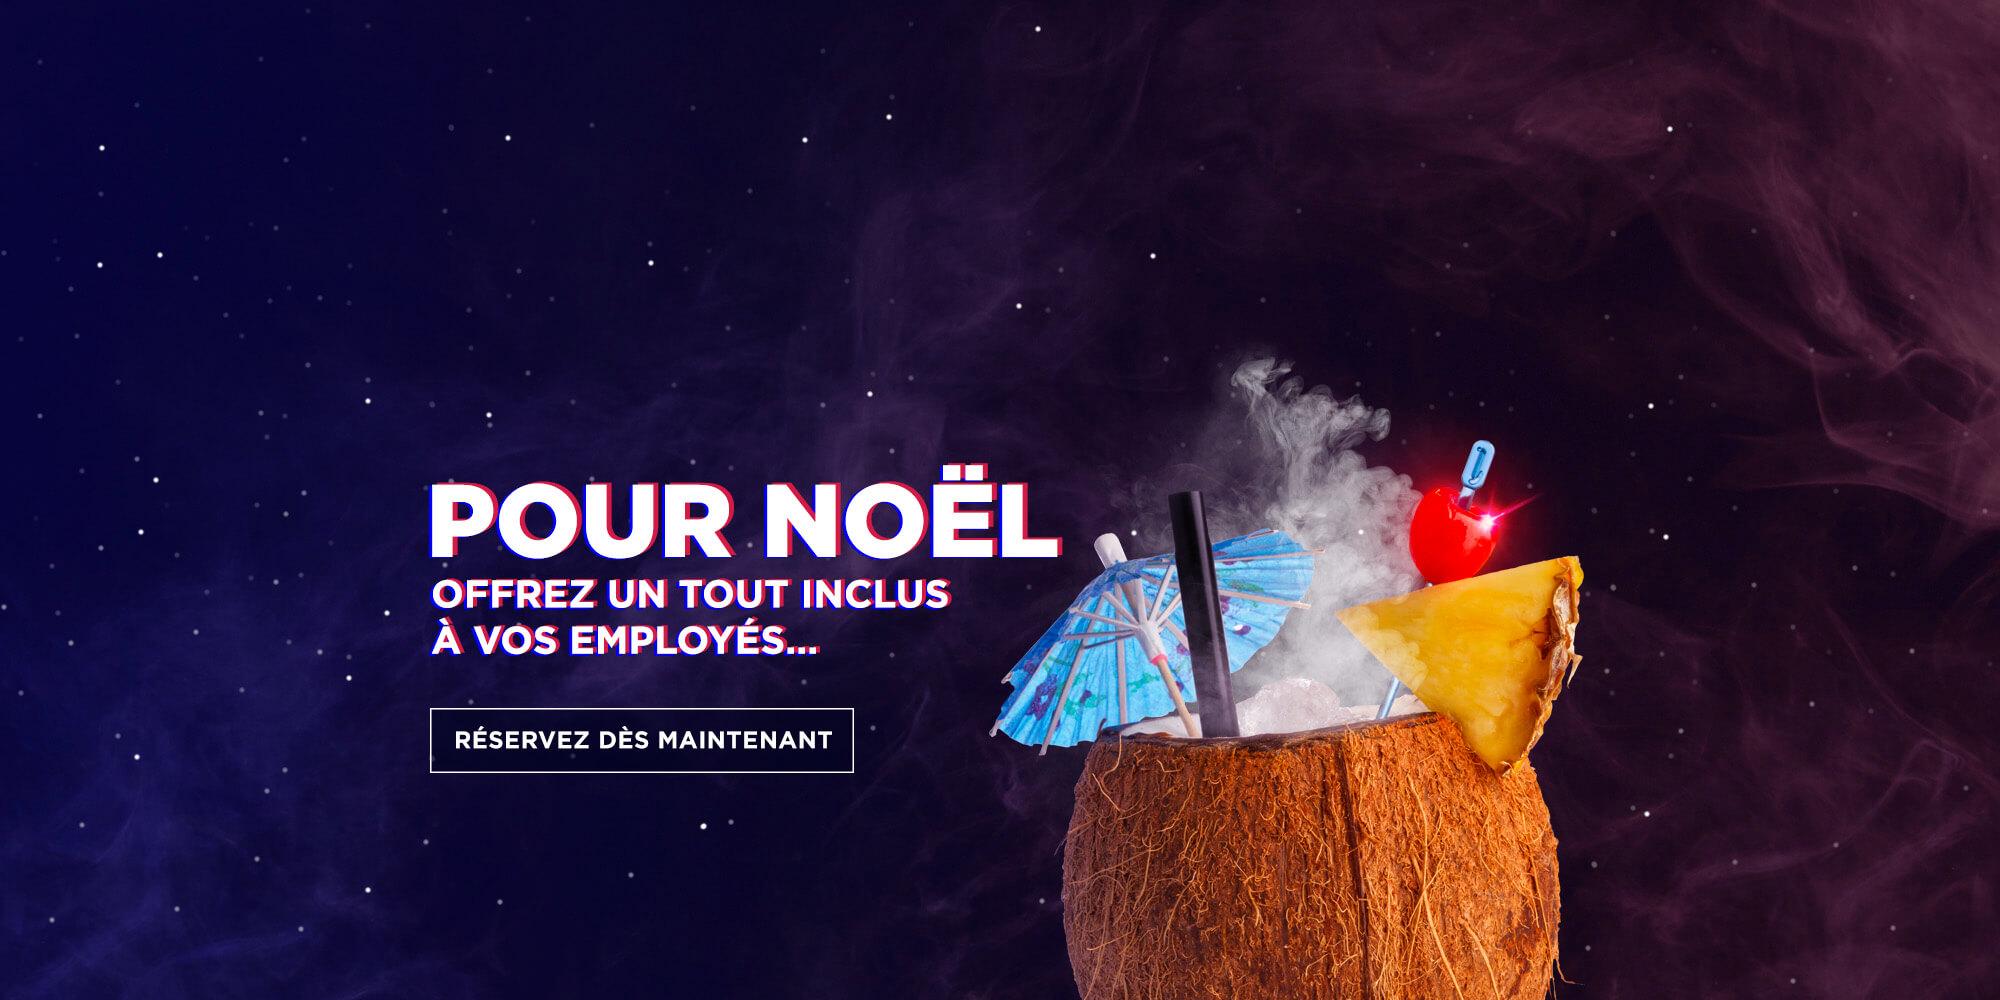 Cocktail dans une noix de coco | Promotion pour Noël de BoulZeye | Offrez un tout inclus à vos employés